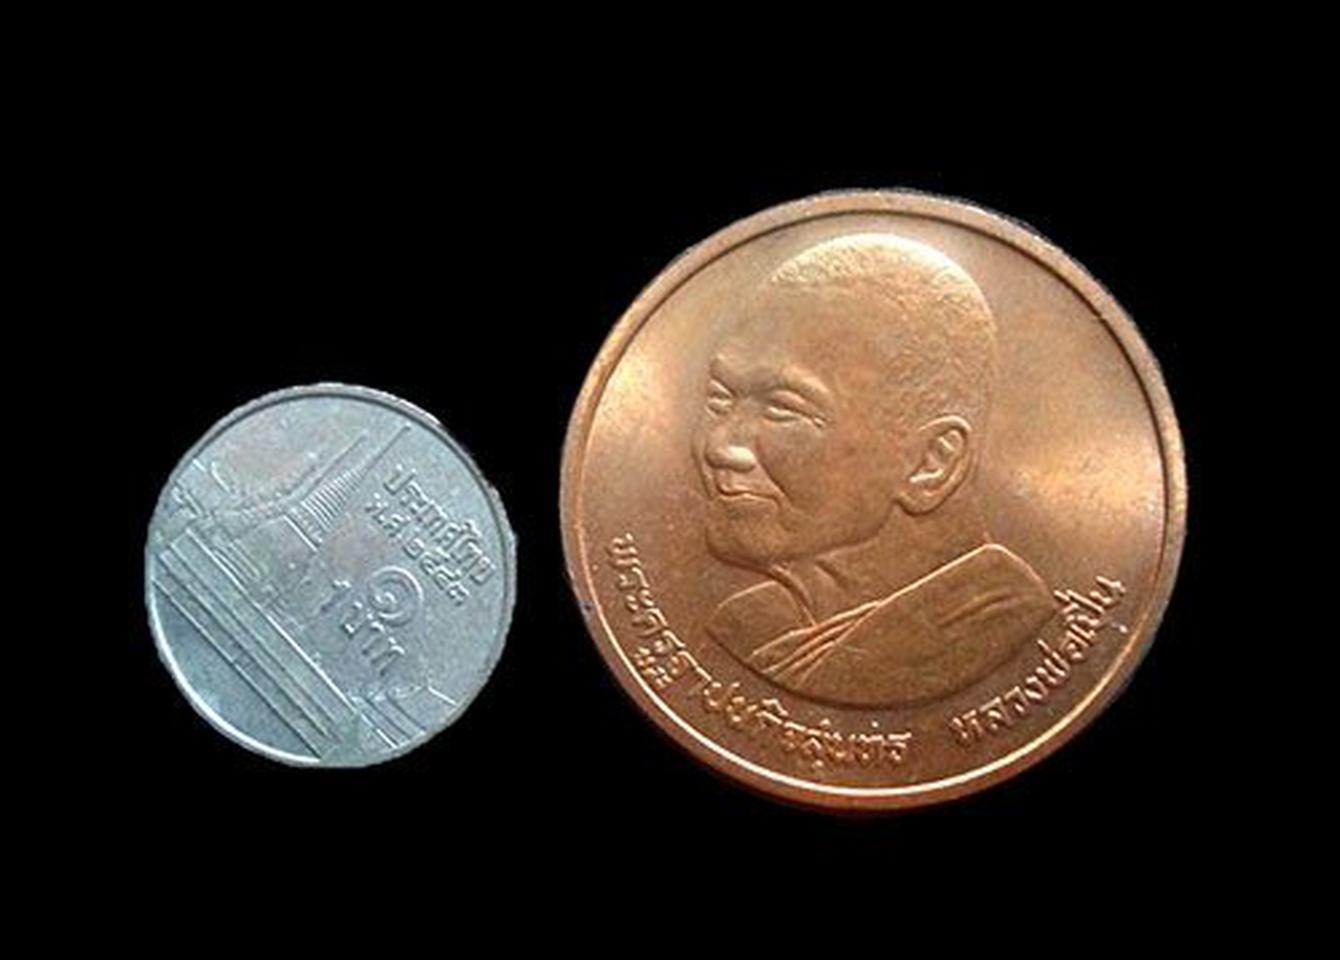 เหรียญหลวงพ่อเปิ่นรุ่นธรรมจักรมหามงคล วัดบางพระ นครปฐม ปี2537 รูปที่ 4